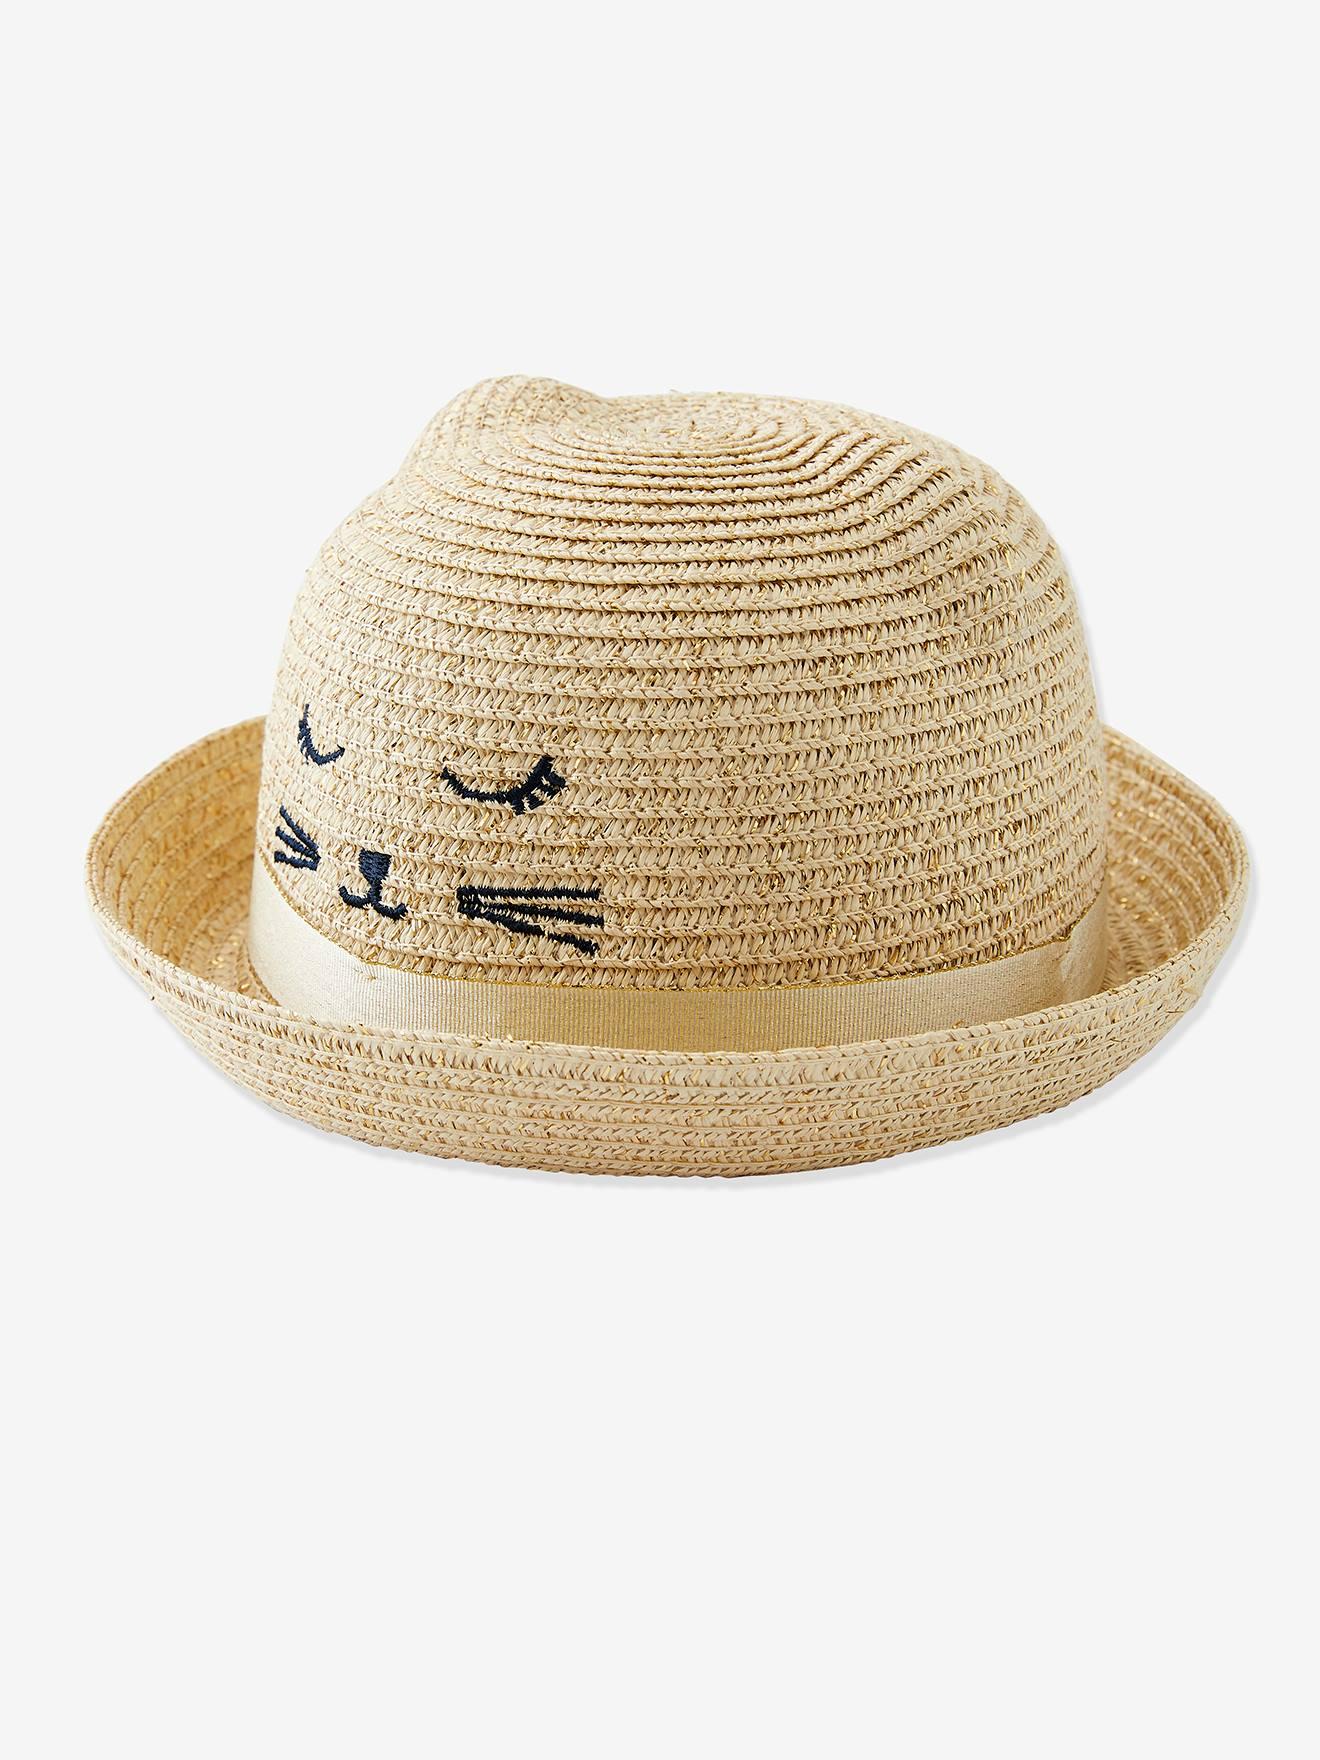 Chapeau de soleil fille irisé broderie chat et oreilles fantaisie naturel irisé Vertbaudet